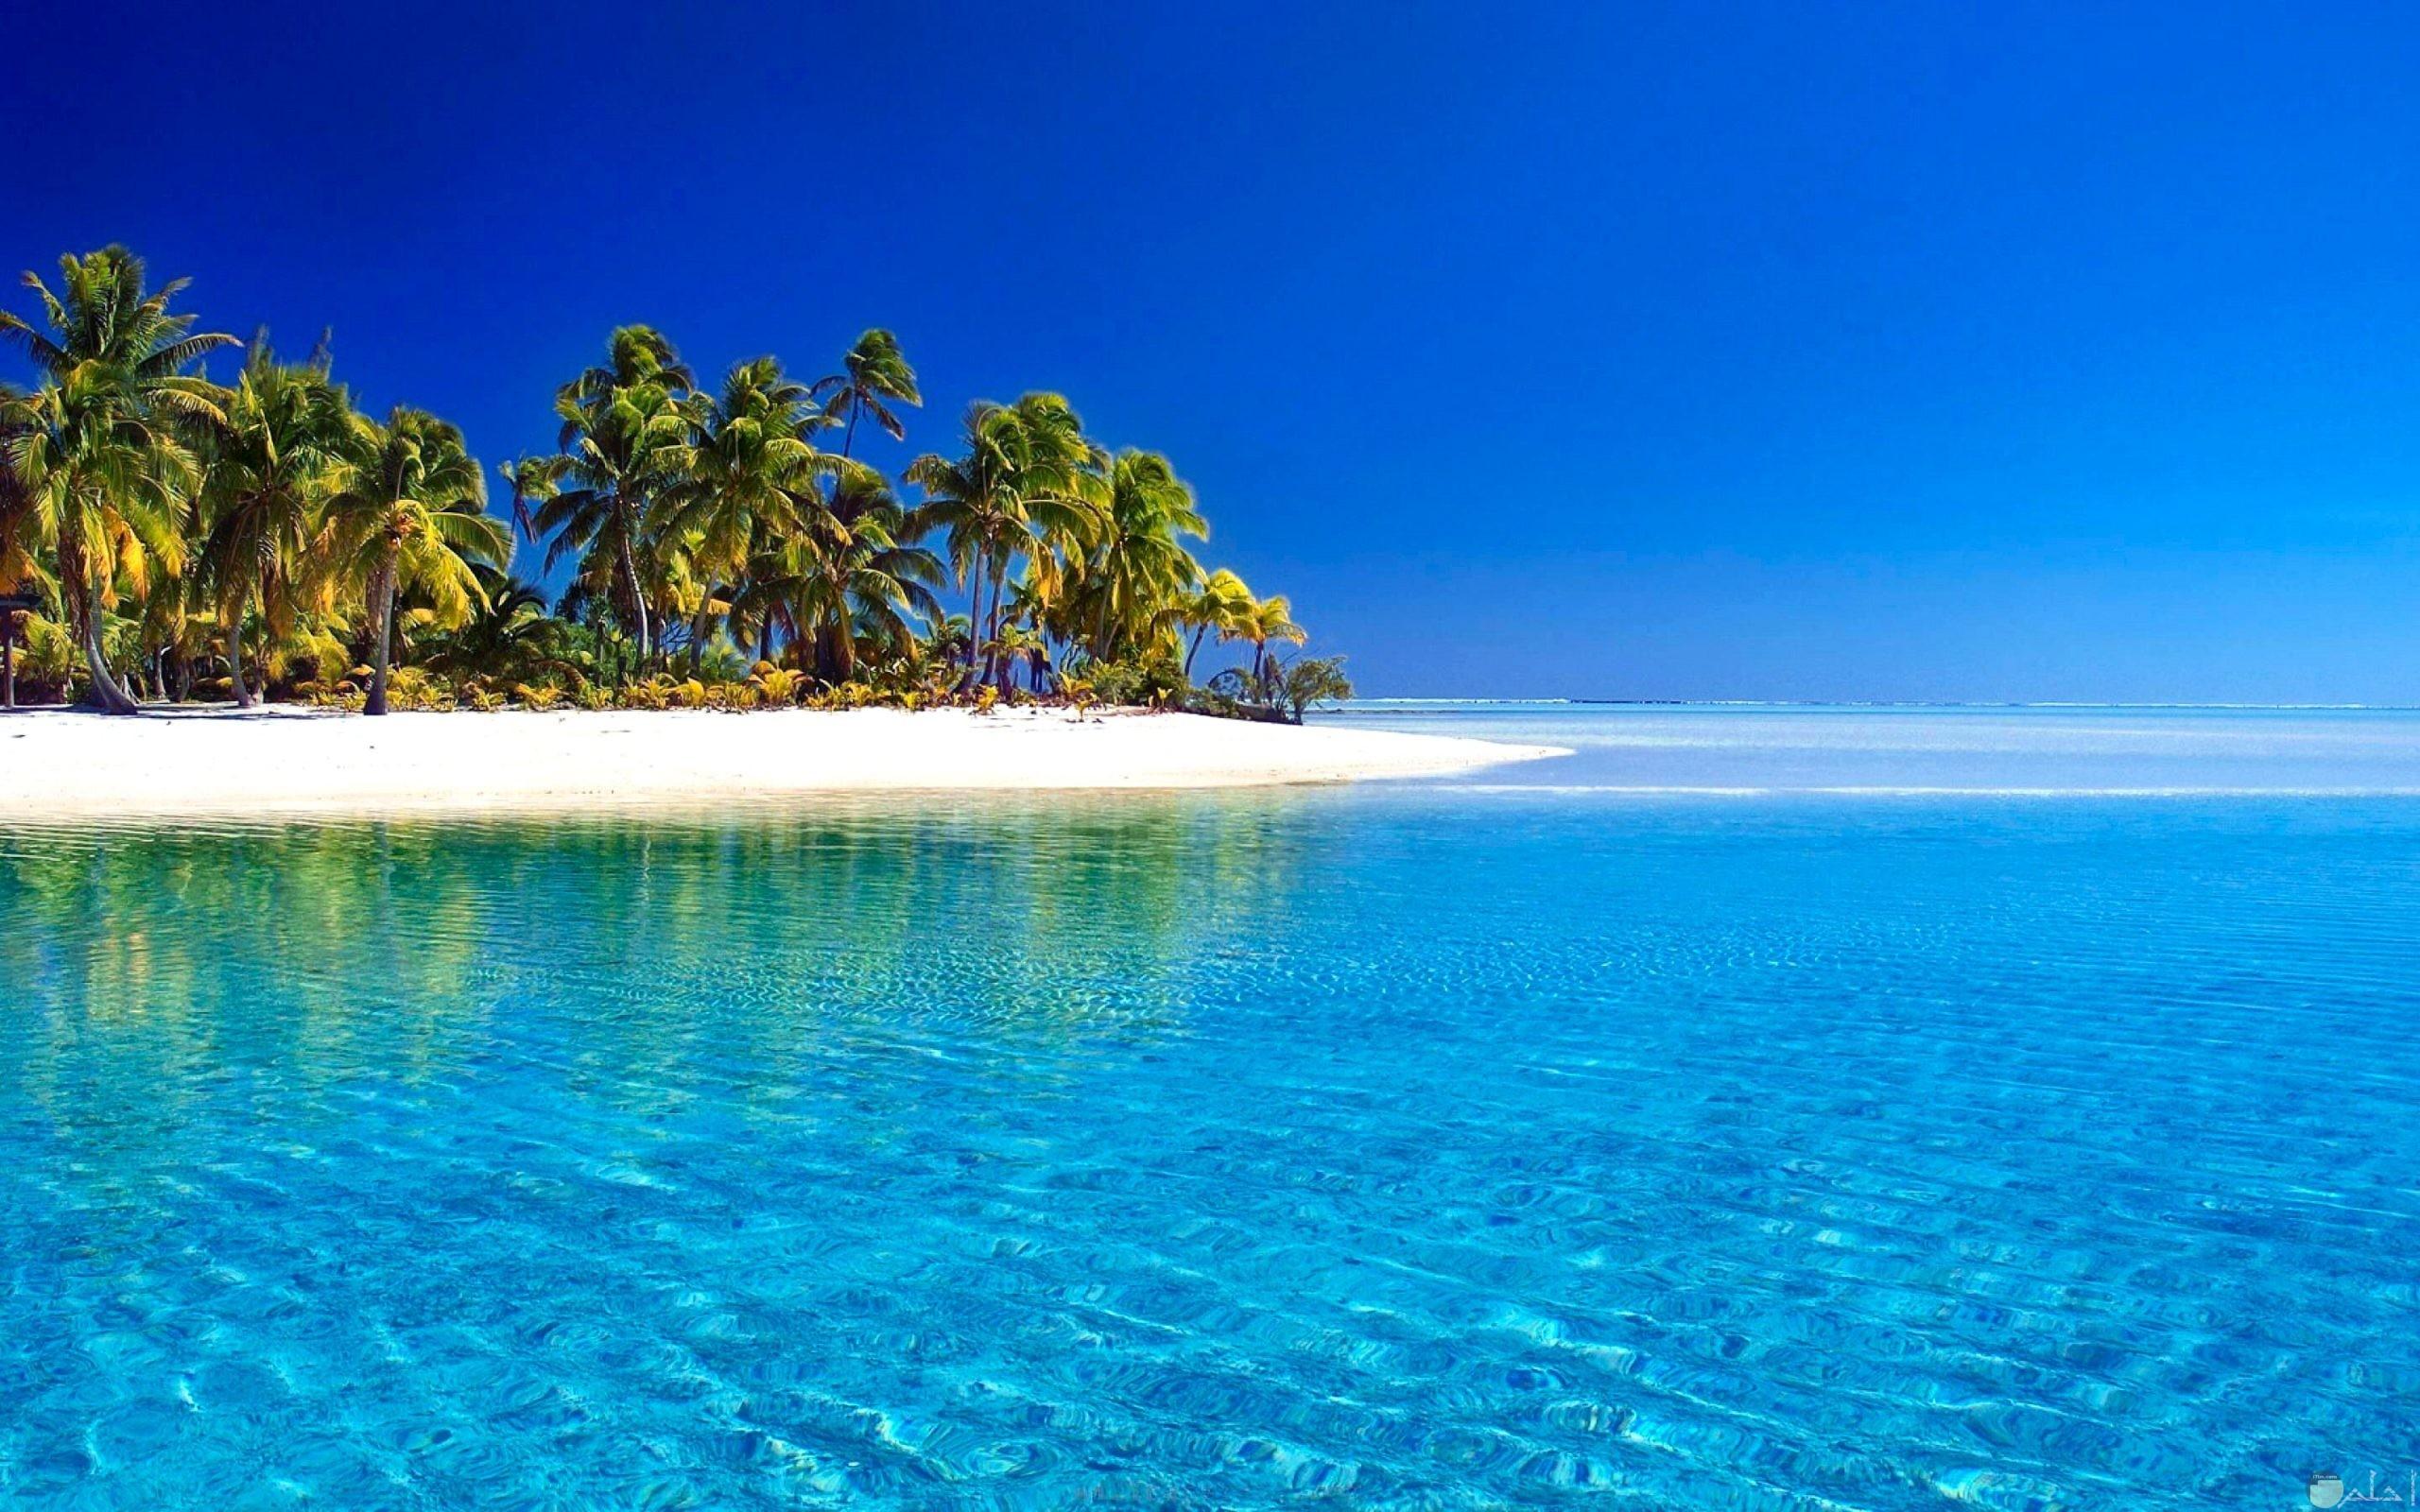 صورة جميلة للبحر